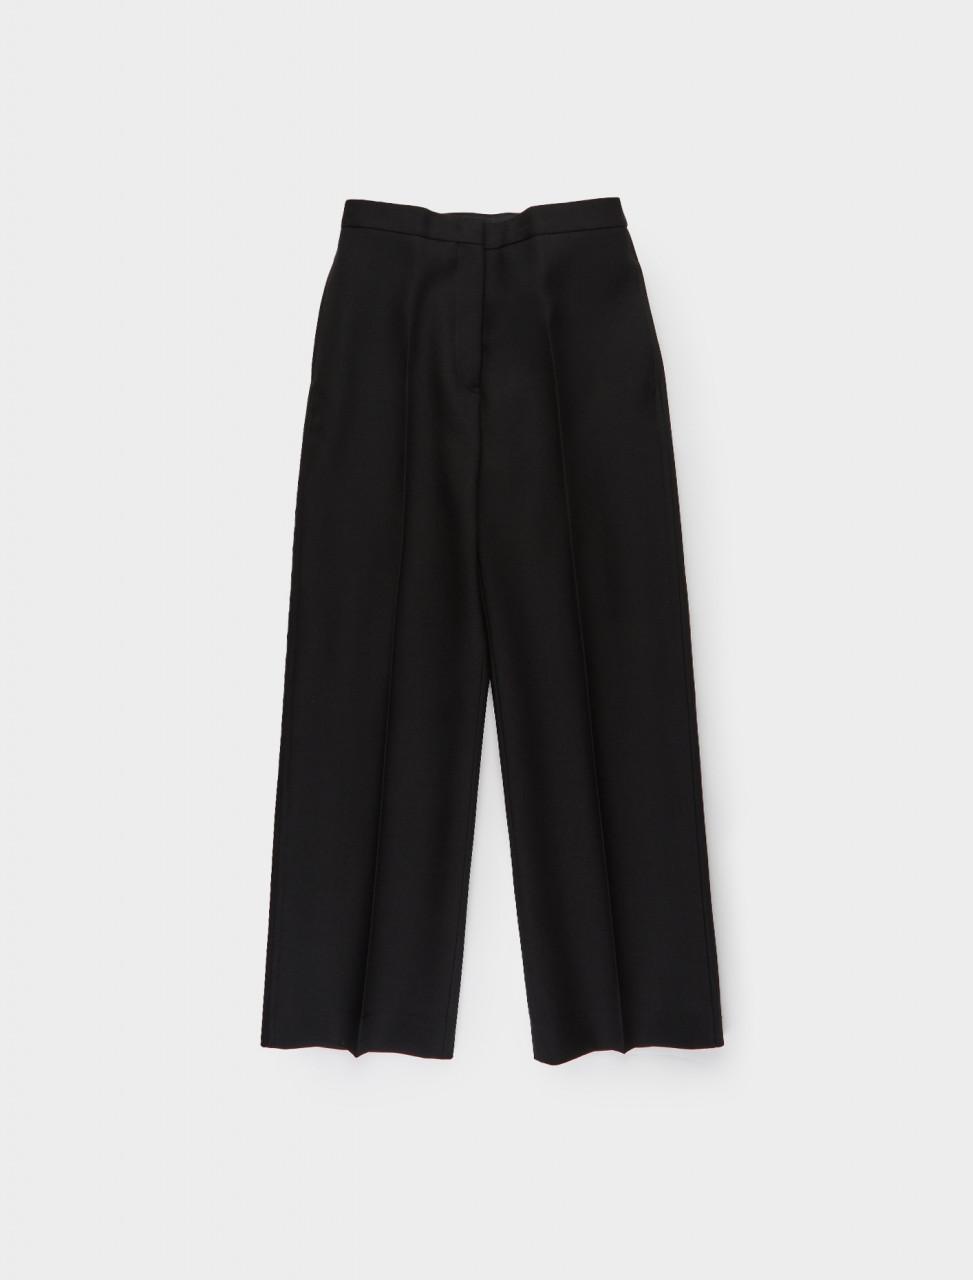 130-JSMR311231-MR251200-001 JIL SANDER Cropped Trouser in Black